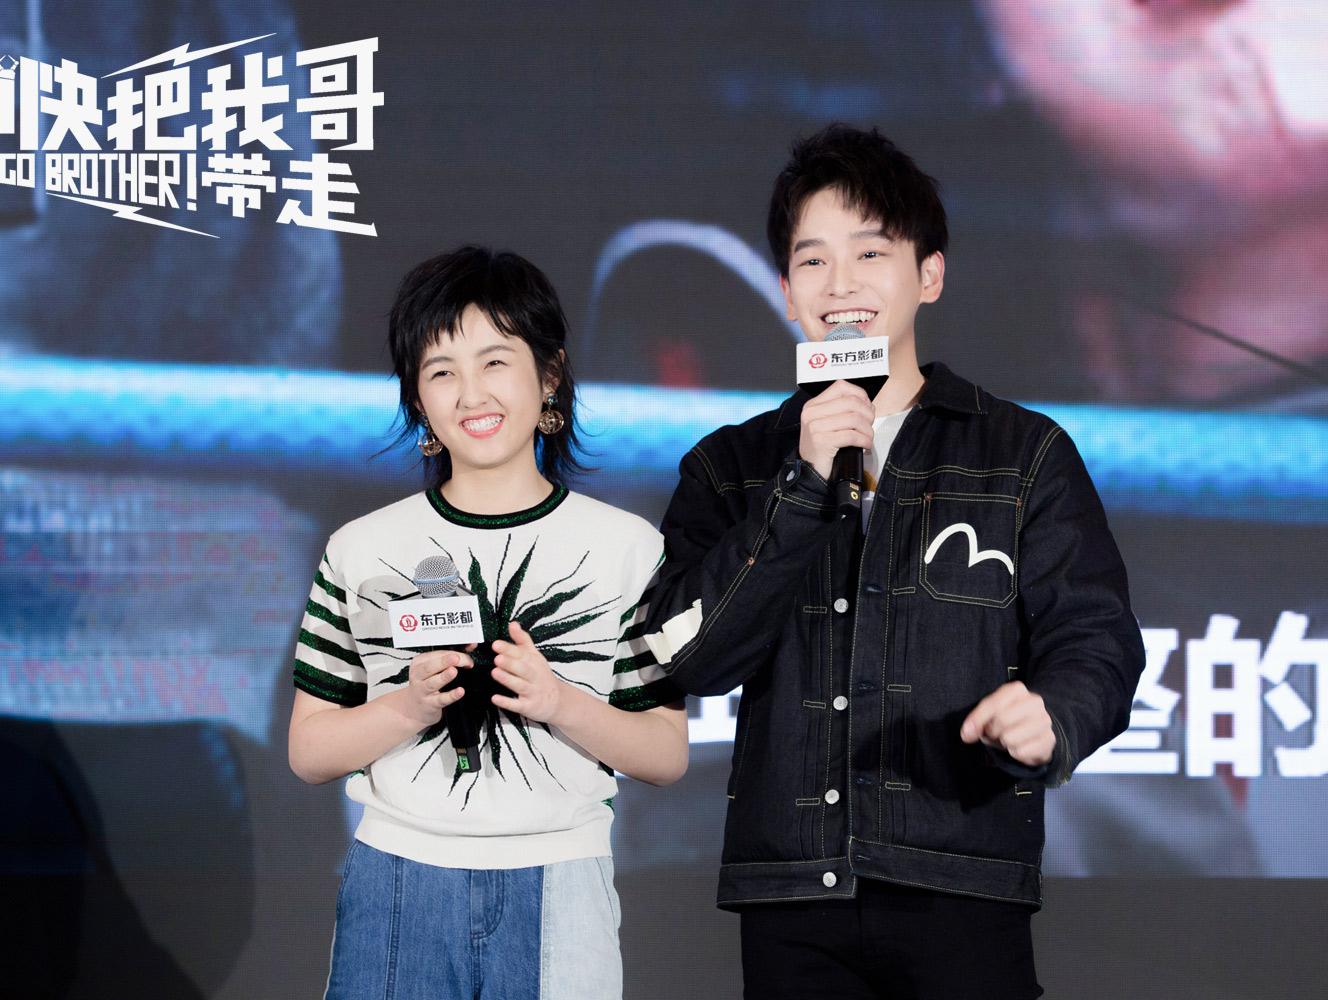 《快把我哥带走》亮相电影推介会定档8月